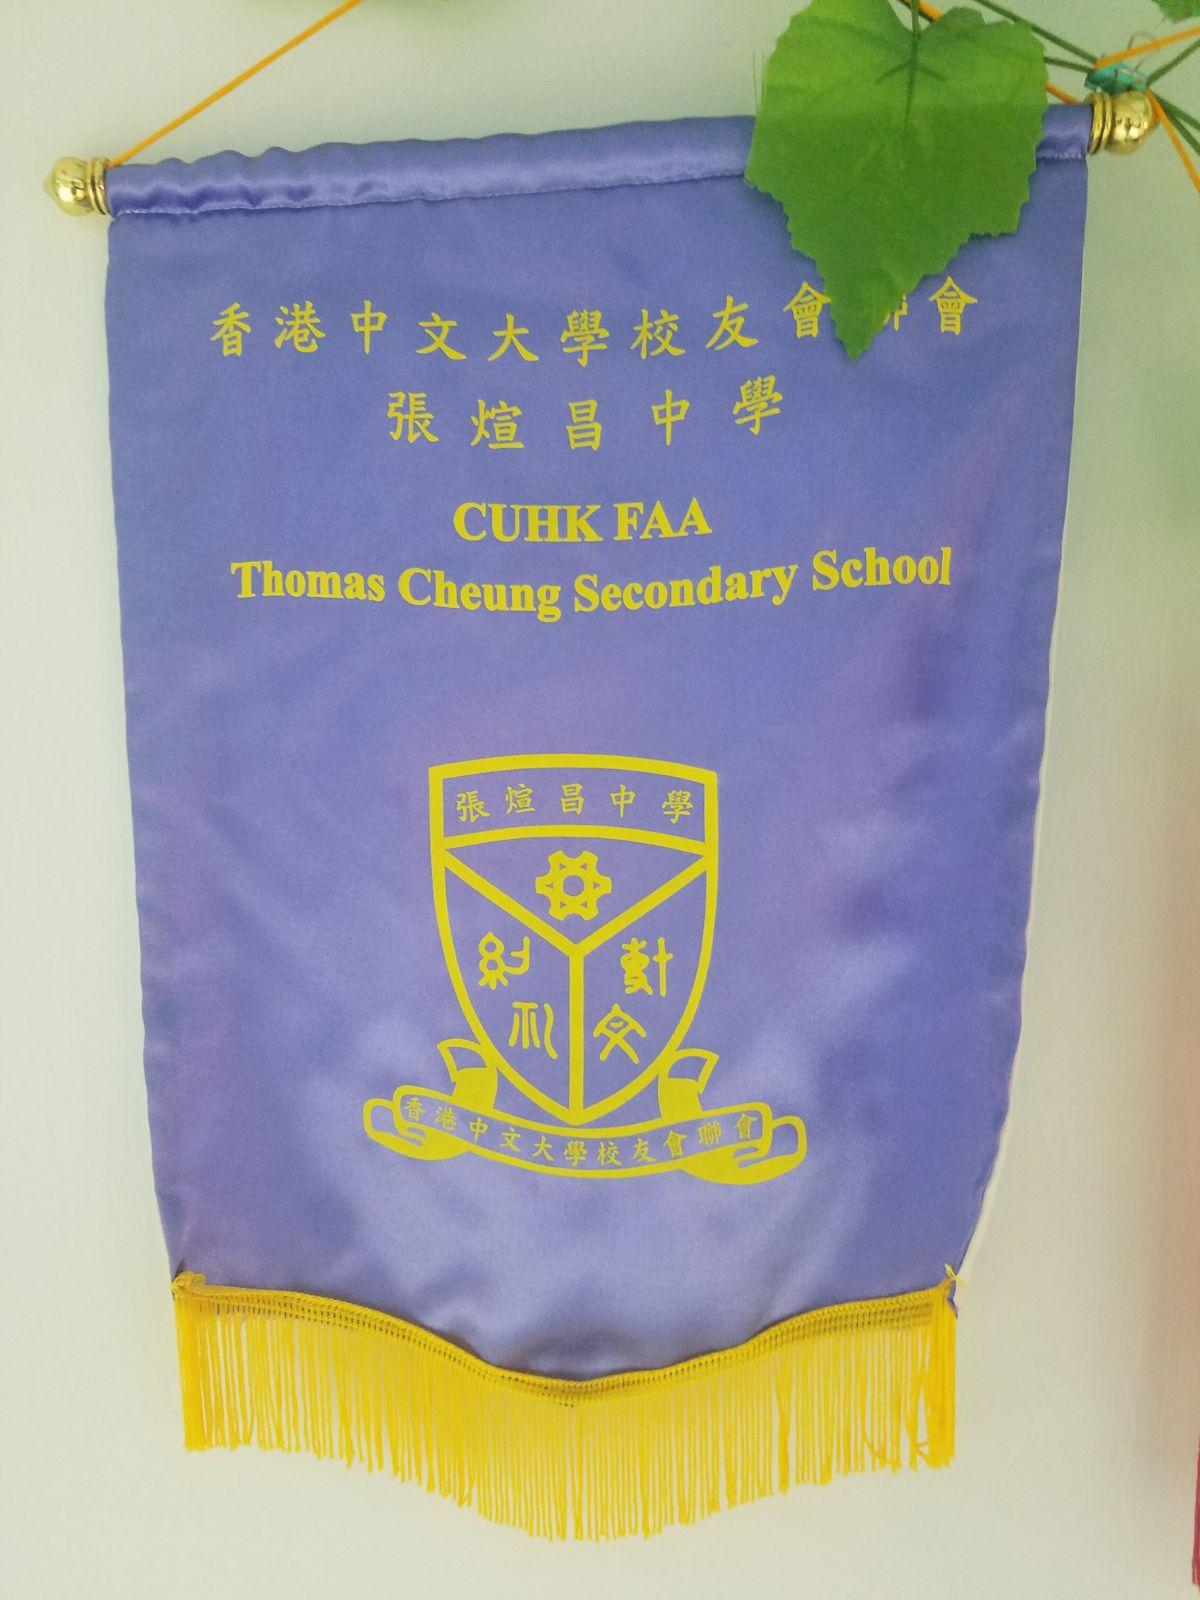 香港中文大學校友會聯會 張煊昌中學